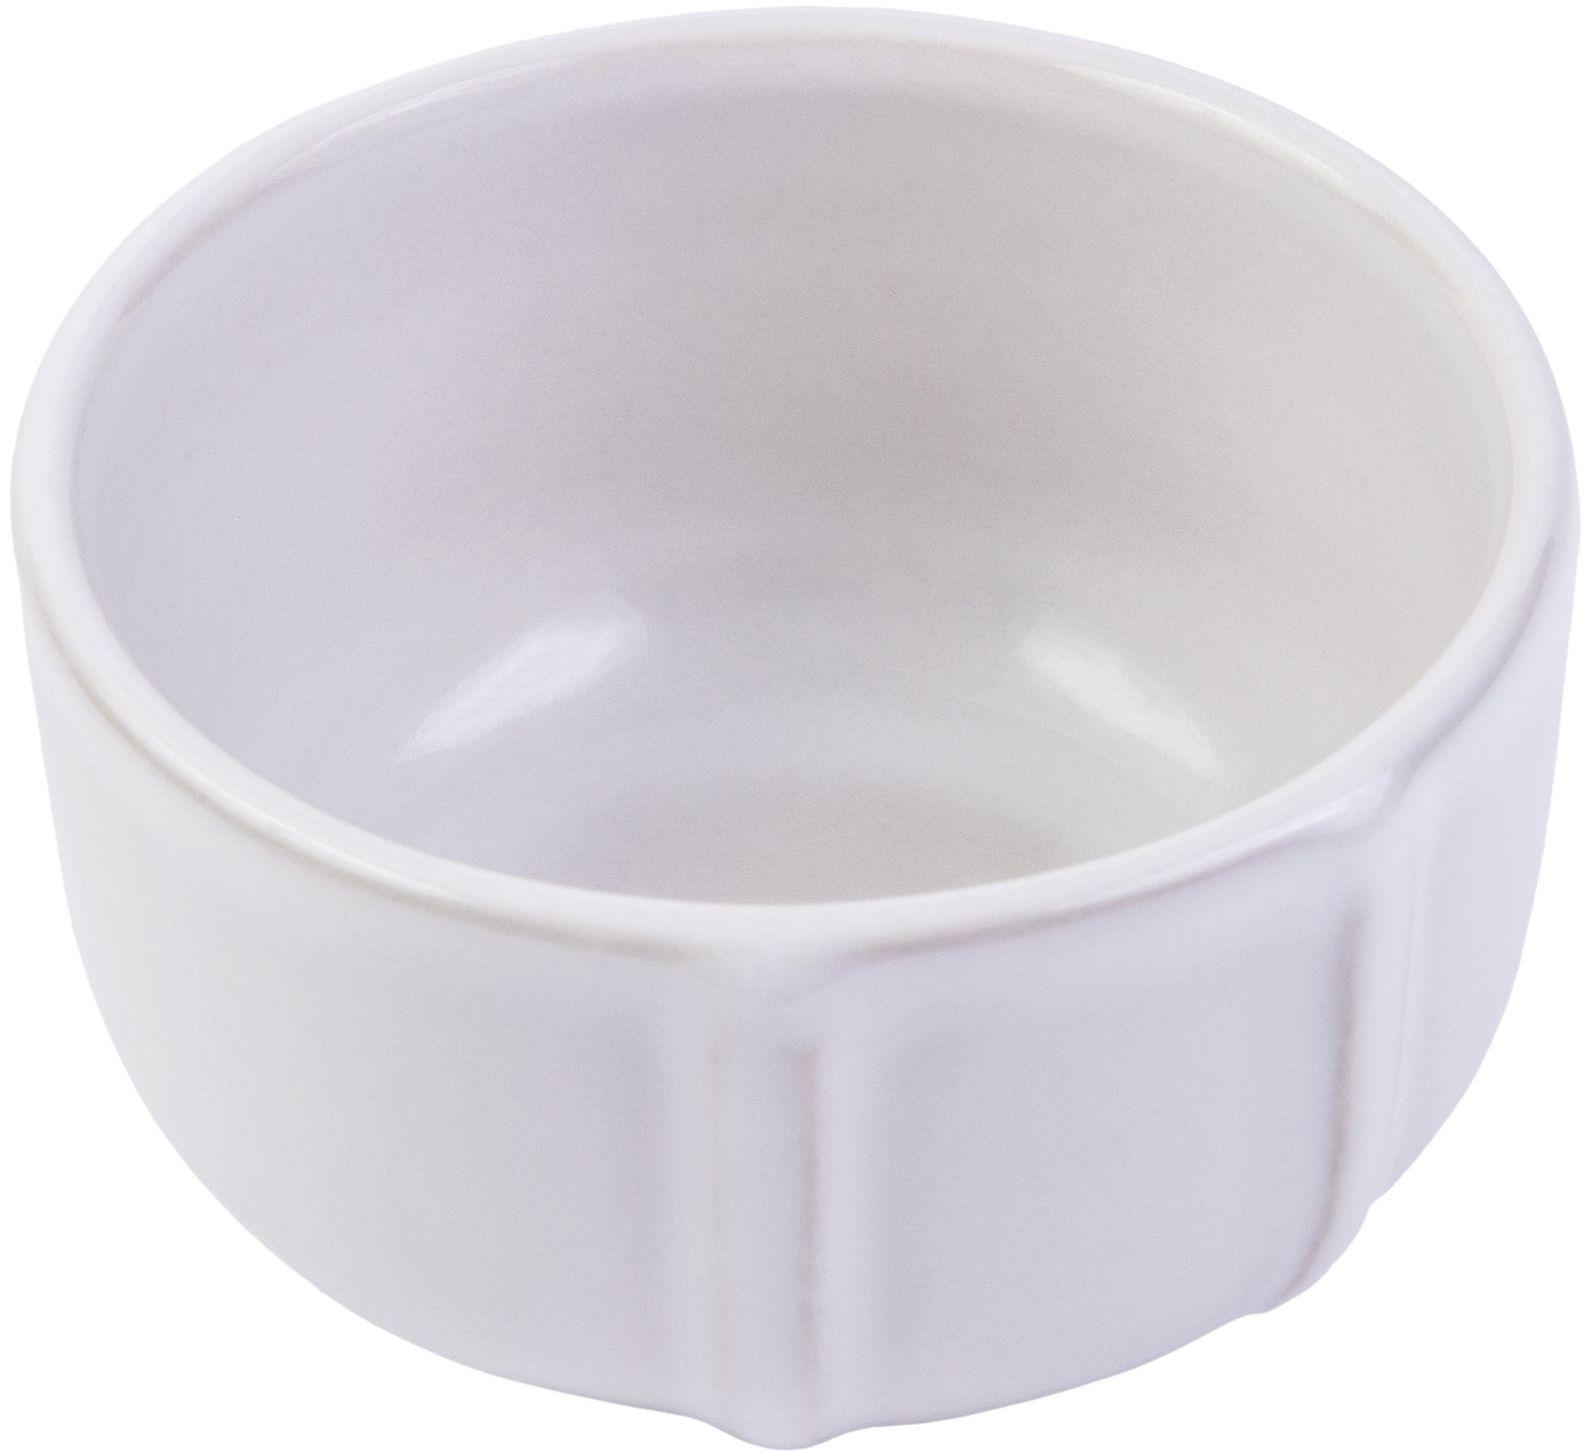 Pyrex 8013110.0 Signature zestaw 6 miseczek ceramicznych kamionka biała średnica 8 cm